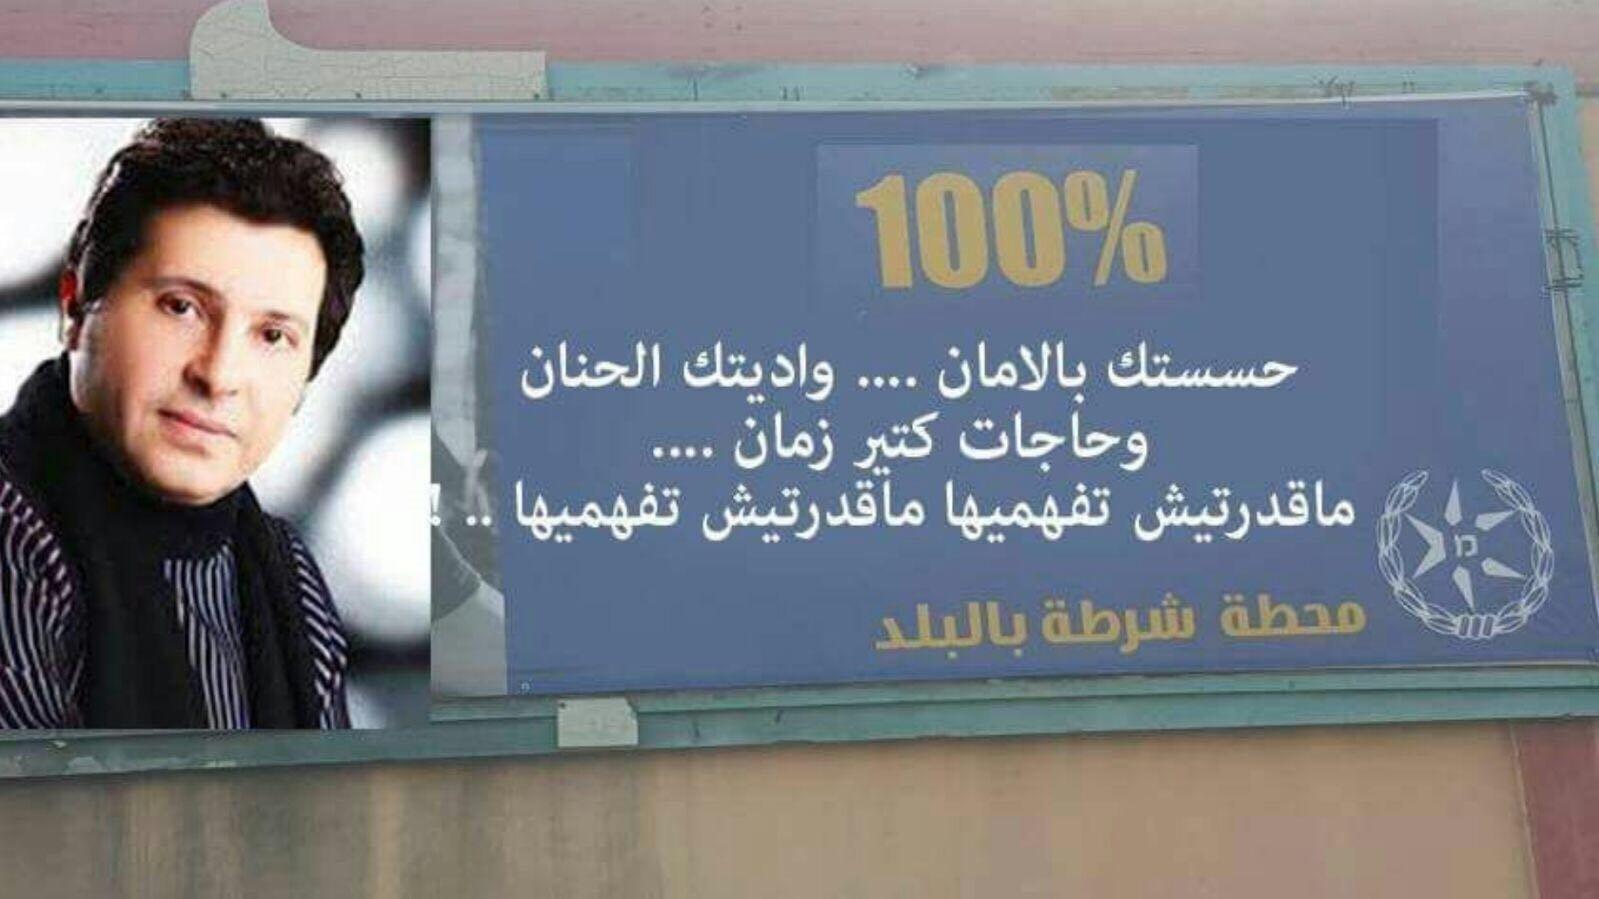 هجوم عنيف على هاني شاكر بسبب الشرطة الاسرائيلية!